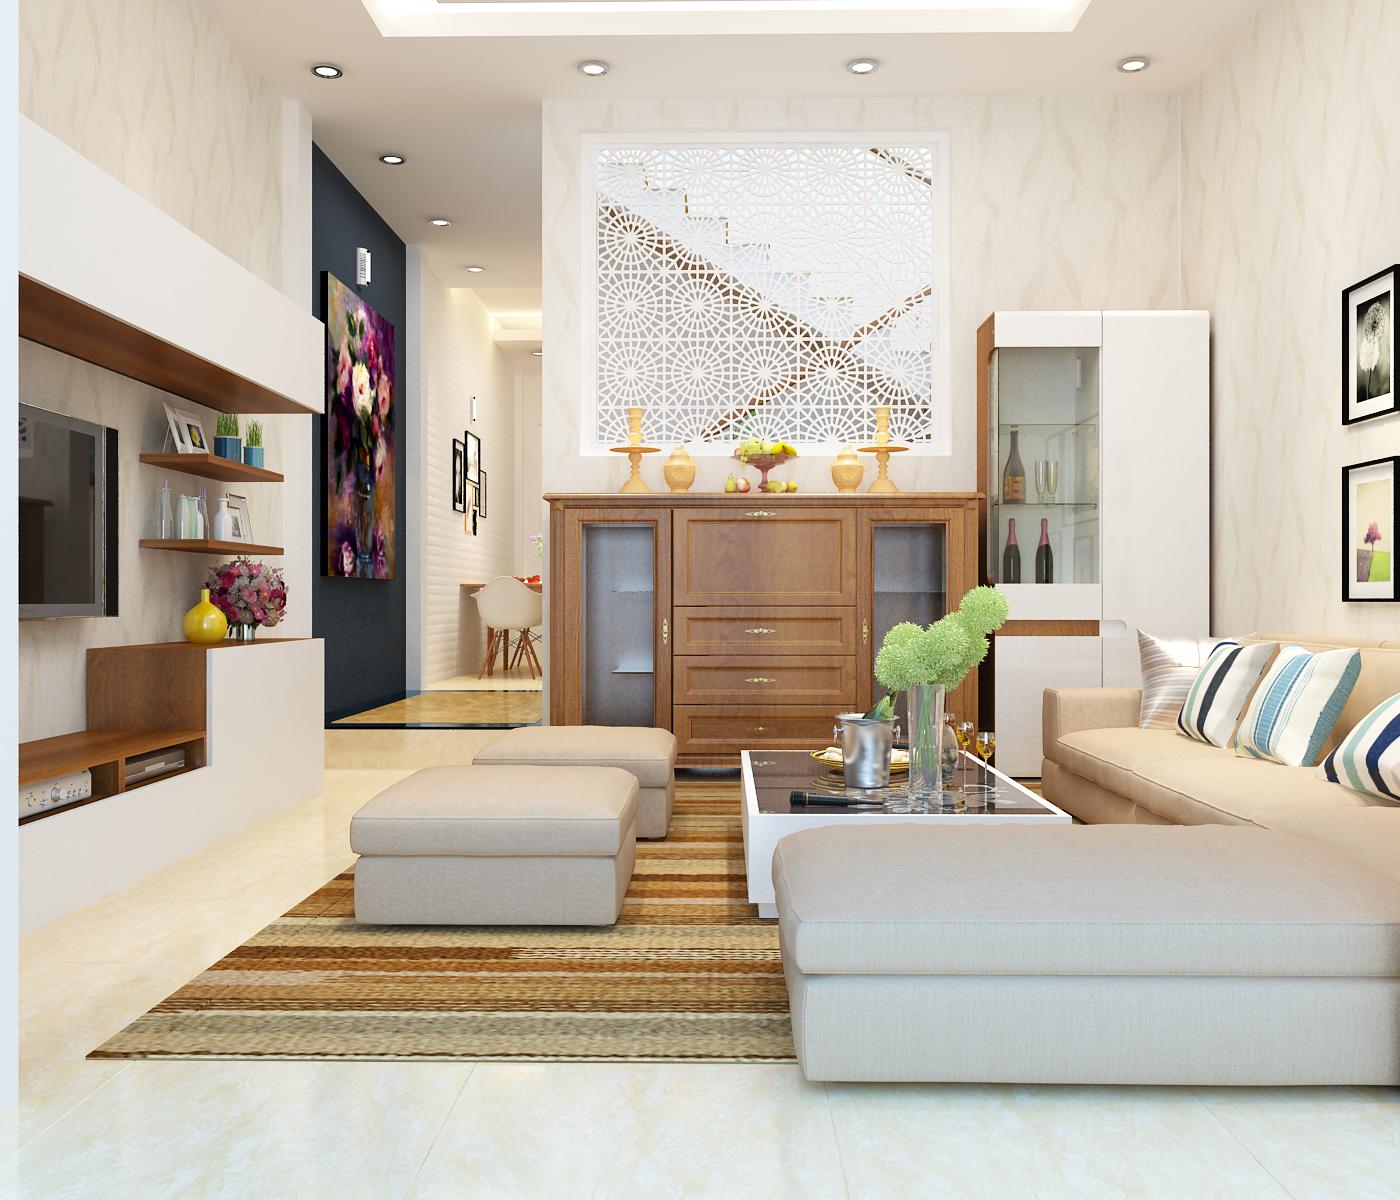 Mẫu thiết kế nội thất nhà phố hiện đại nới rộng không gian